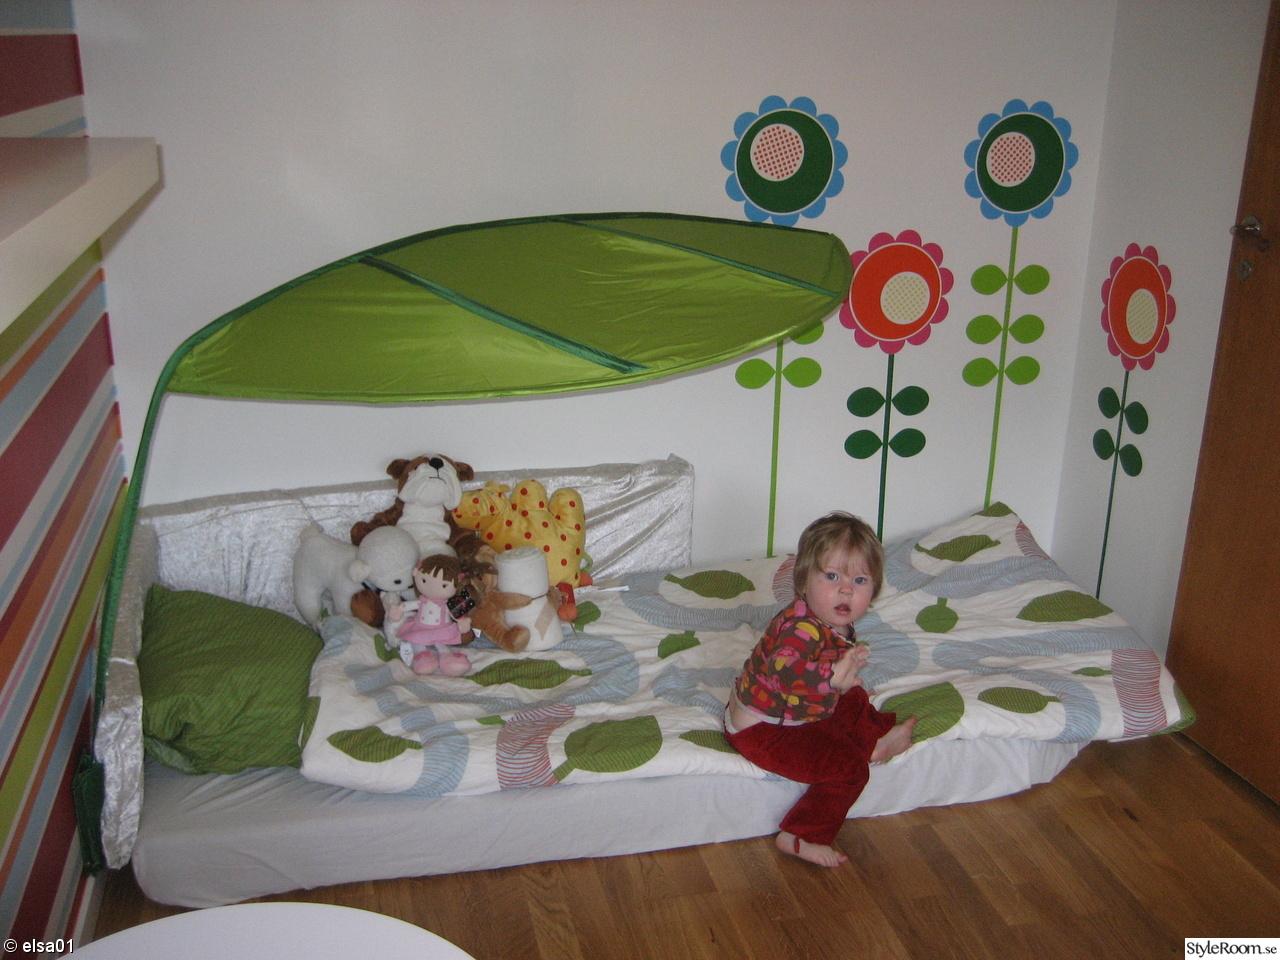 Dekoration till ikea m bler for Ikea dekoration